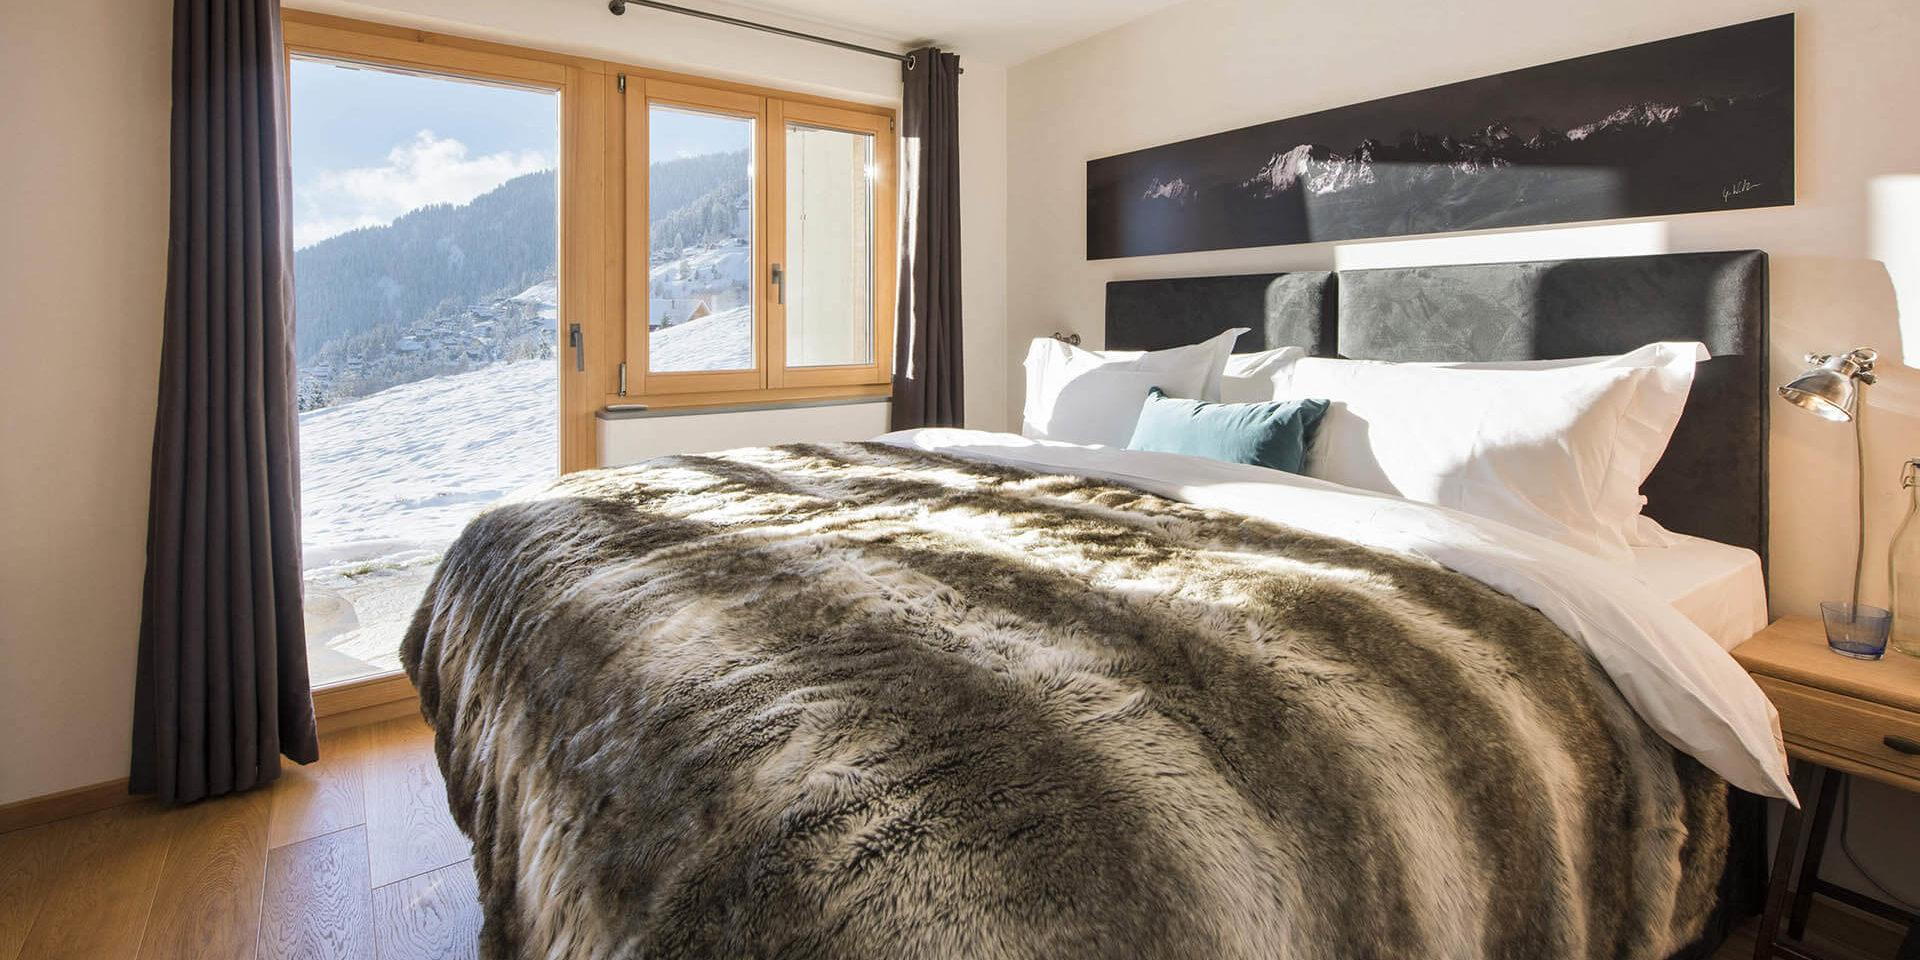 Chalet Rock Verbier Les 4 Vallees Zwitserland wintersport skivakantie luxe slaapkamer 2-persoonsbed bedsprei raam uitzicht sneeuw bomen bergen